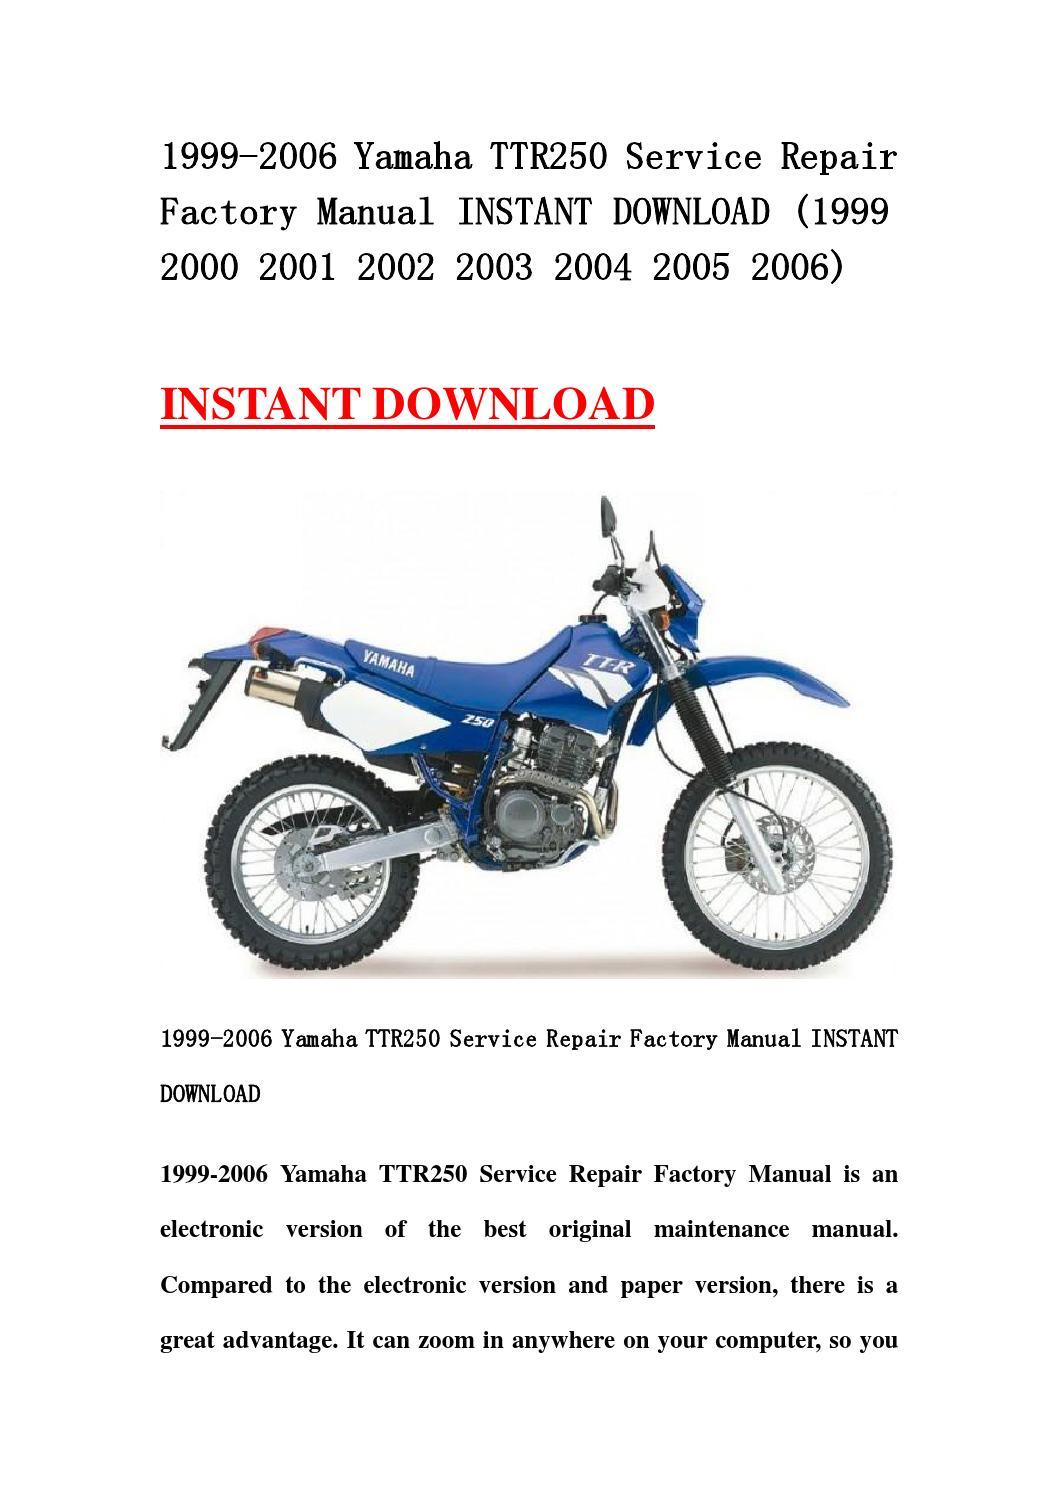 1999 2006 Yamaha Ttr250 Service Repair Factory Manual border=